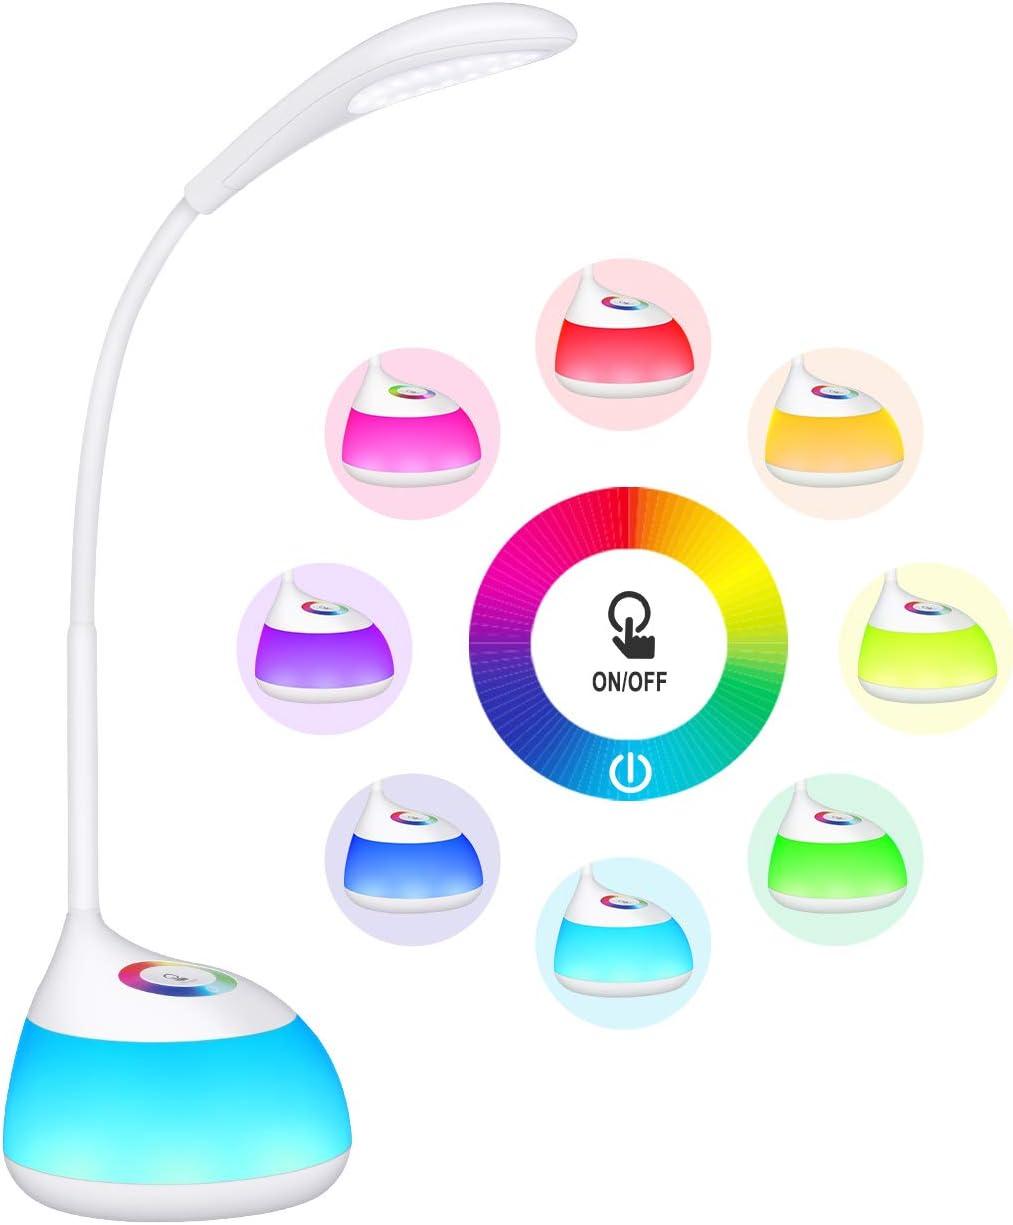 TOPELEK Lampara Escritorio 16 LED Infantil Recargable, Luz Nocturna con 256 Luces de Color, 3 Niveles de Brillo, Autonomía de 30H, Brazo Flexible, Control Táctil, Regalo para Niños